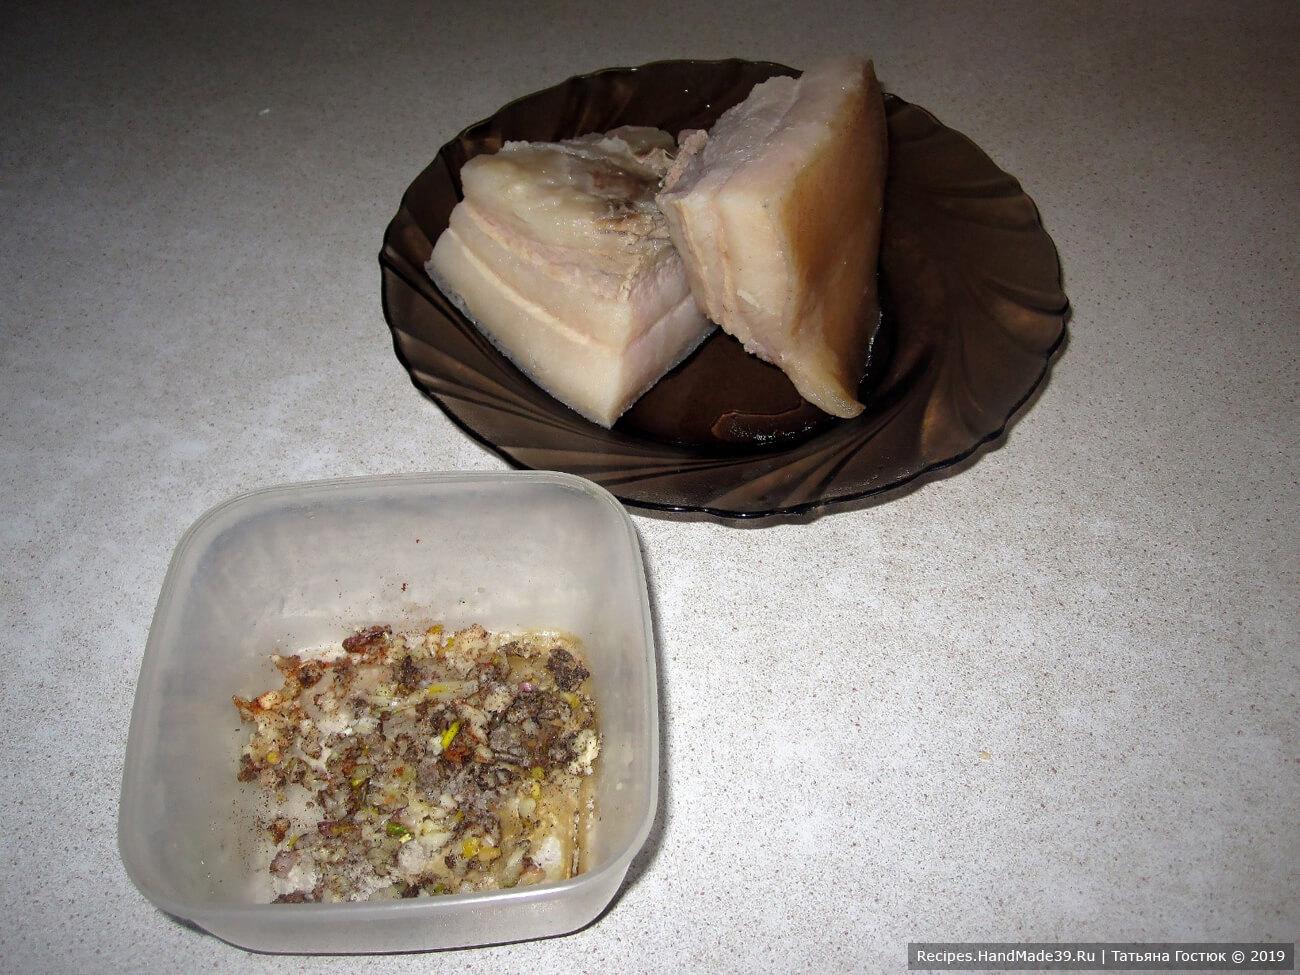 Чеснок пропускаем через пресс, смешиваем с солью и любимыми специями (я использовала чёрный молотый перец и паприку), хорошенько перемешиваем